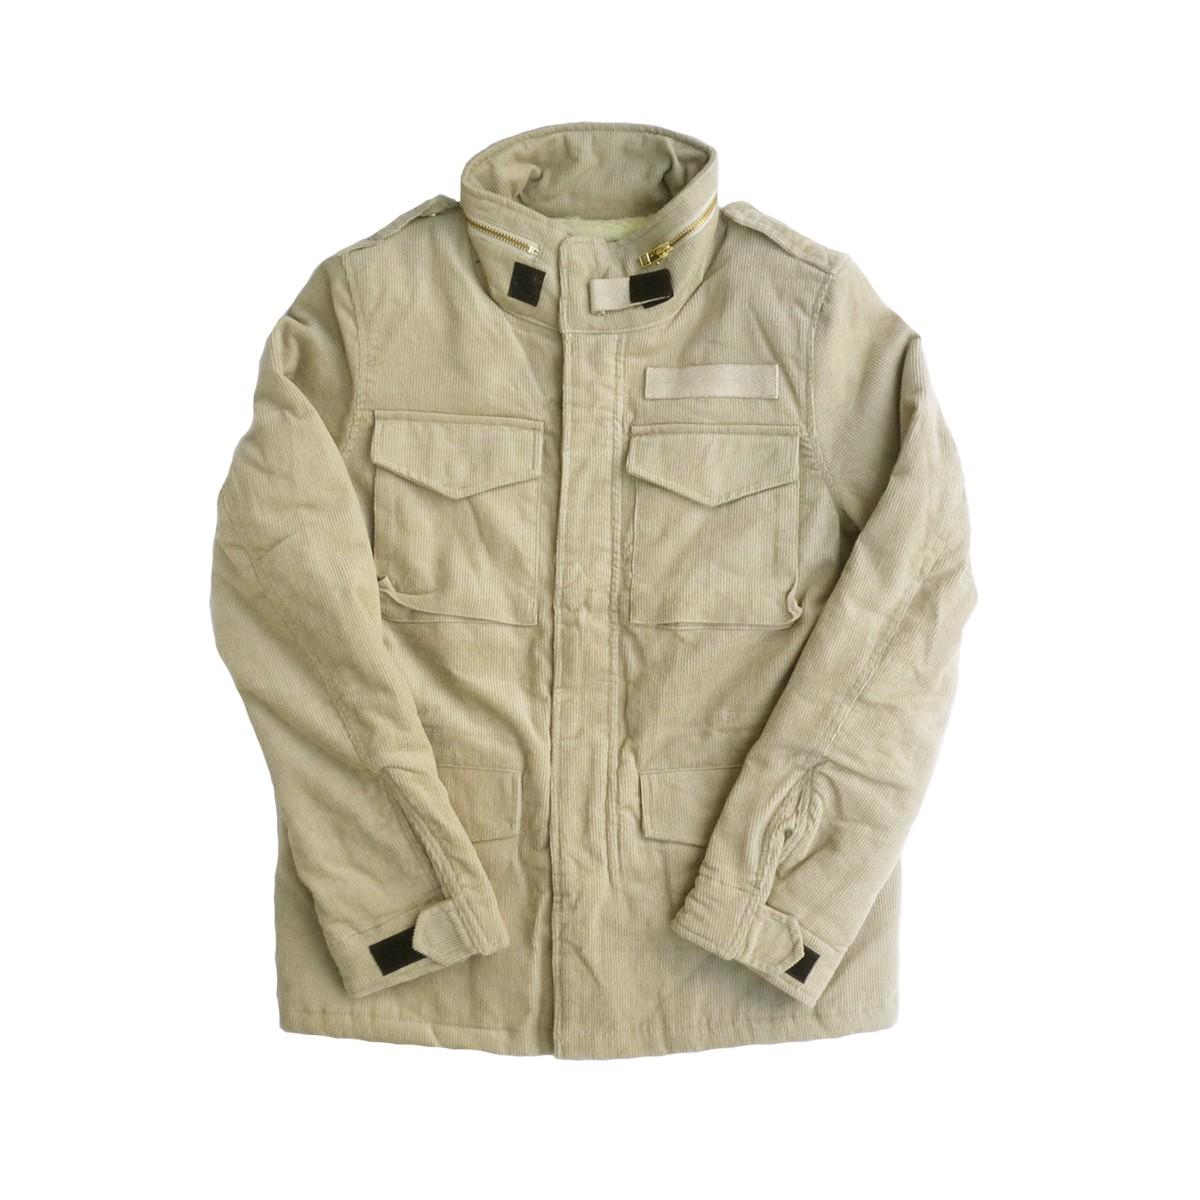 画像1: 【セール 77%OFF】BACK HEAD バックヘッド コーデュロイボアM-65ジャケット ベージュ メンズ (1)